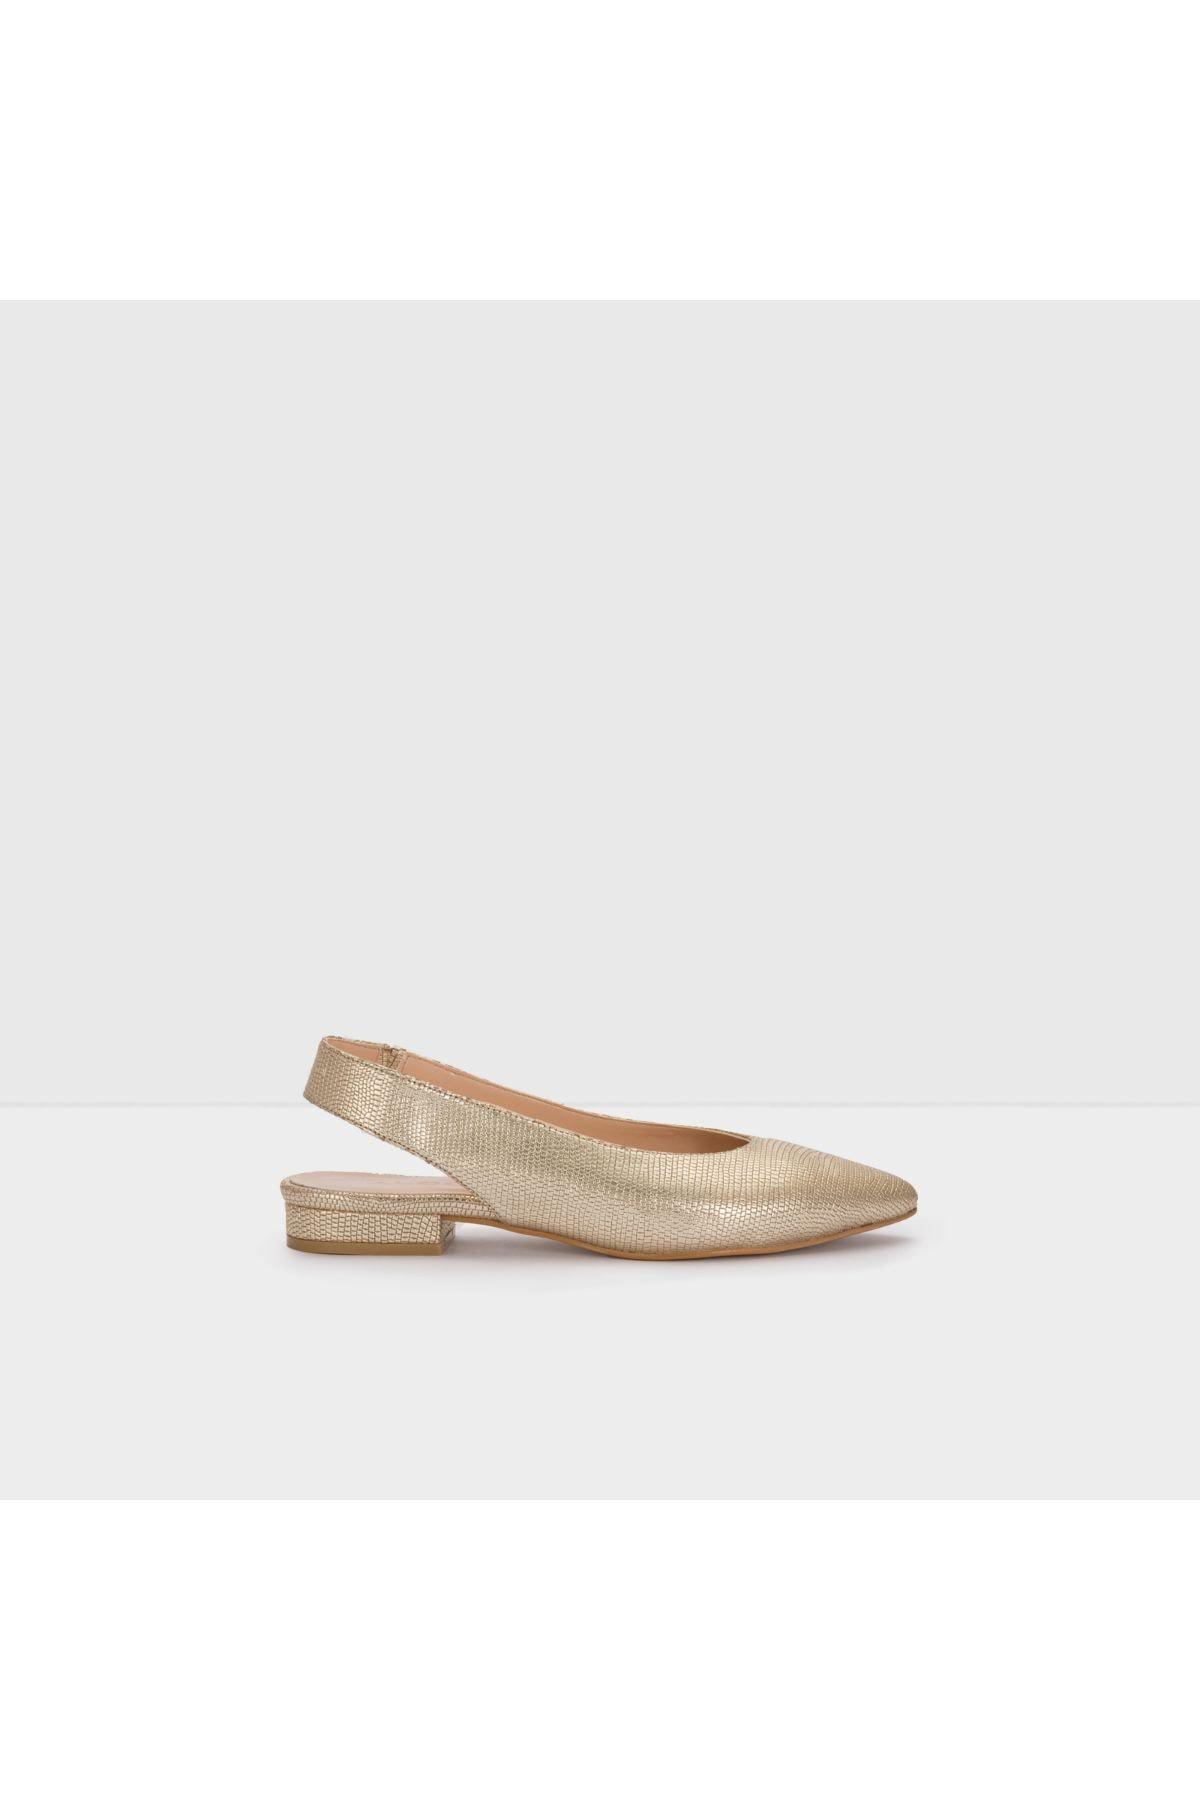 Aldo SABIN-TR - Altın Kadın Düz Ayakkabı 1